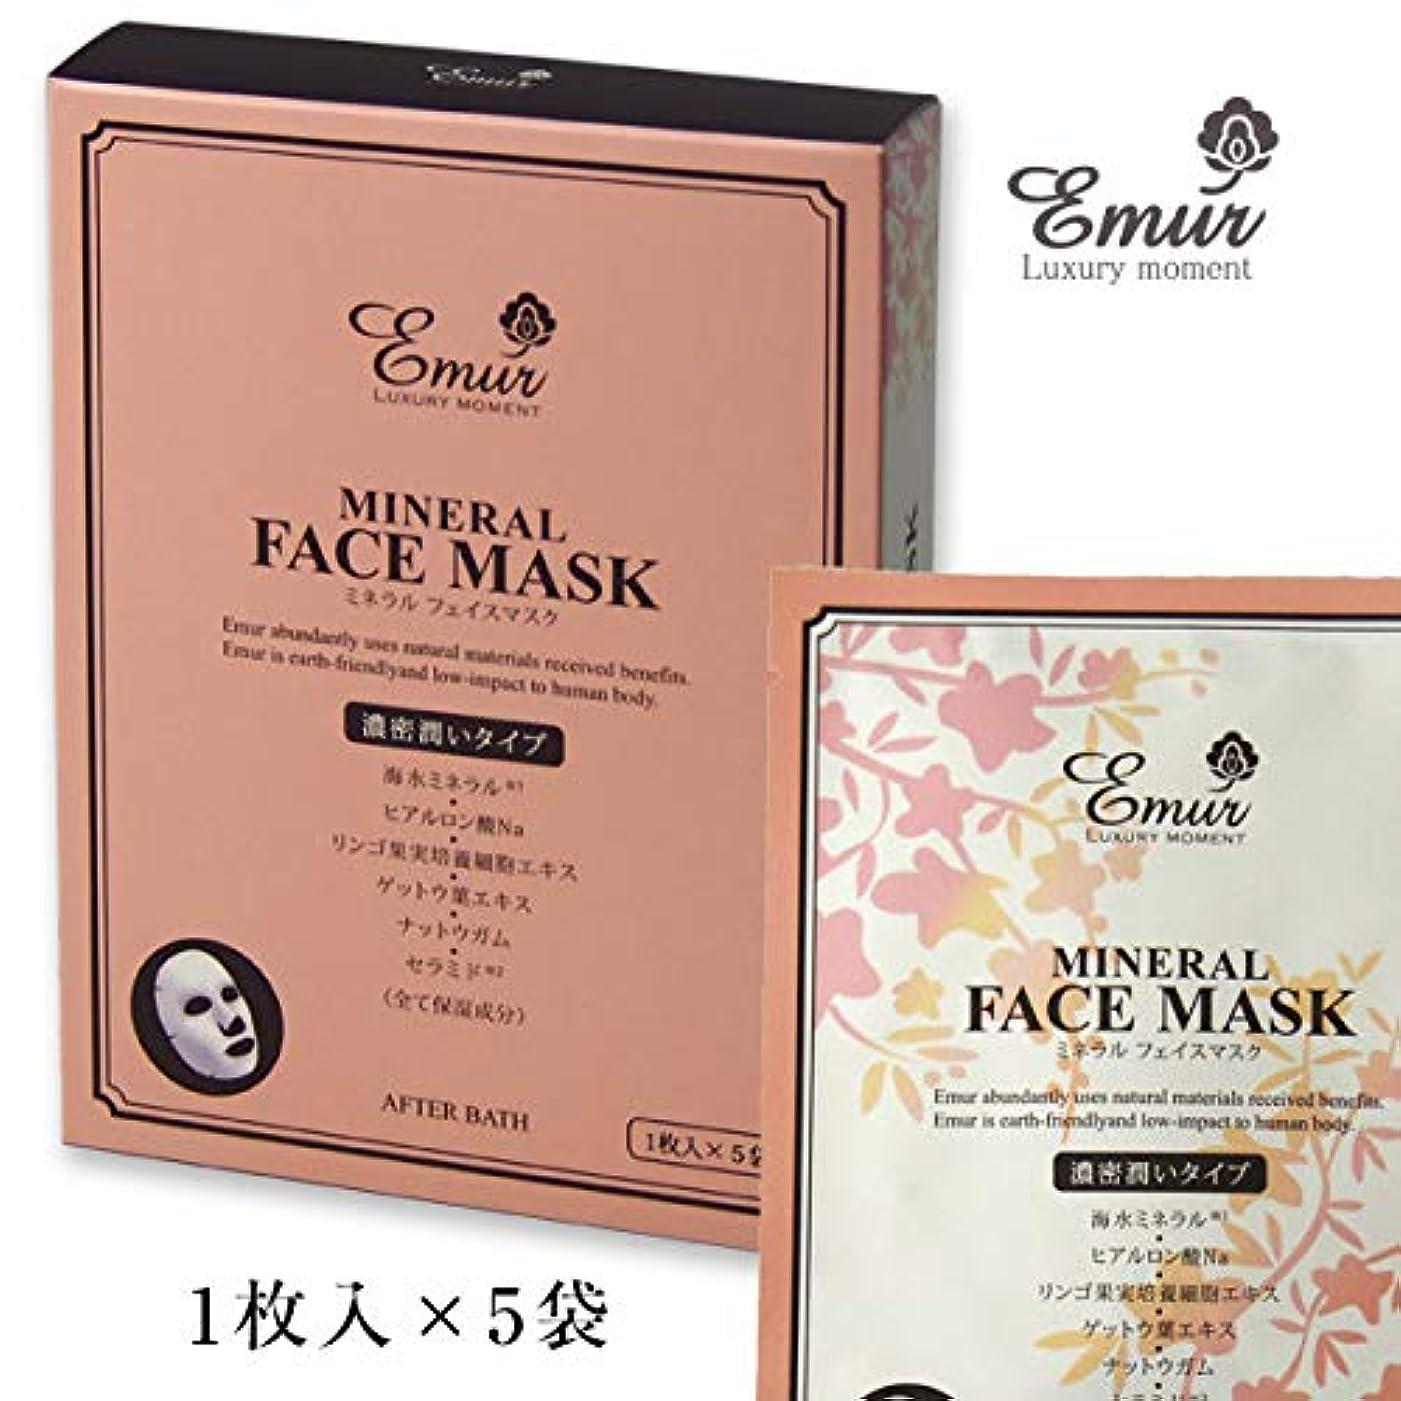 トラックポーンメールエミュール ミネラル フェイスマスク 1枚入×5袋